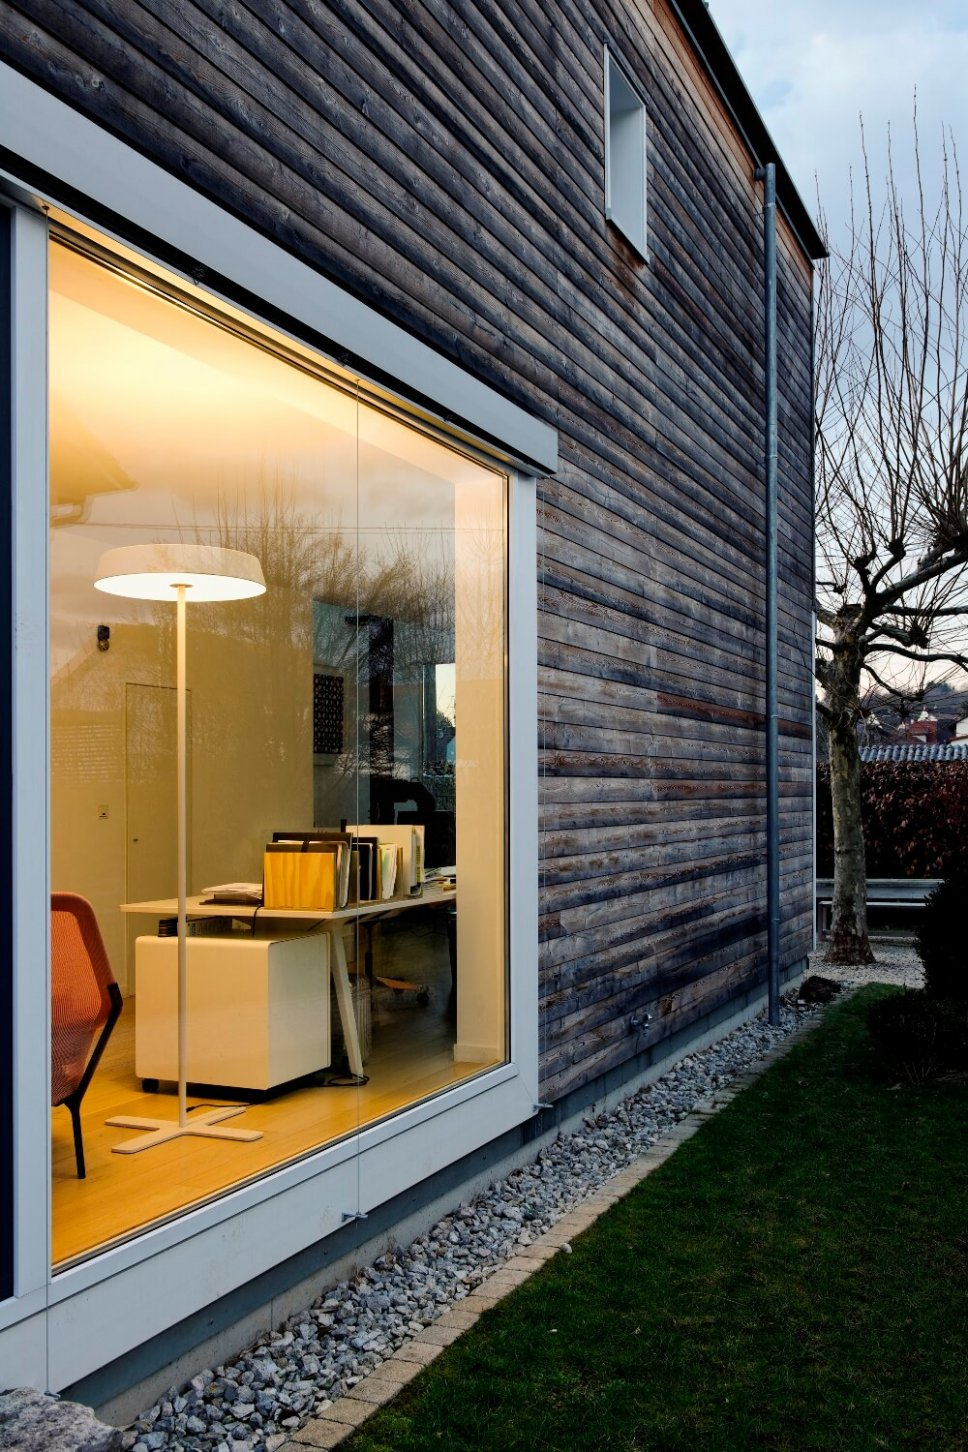 Blick durch ein Panoramafenster zeigt Home Office mit Stehleuchte